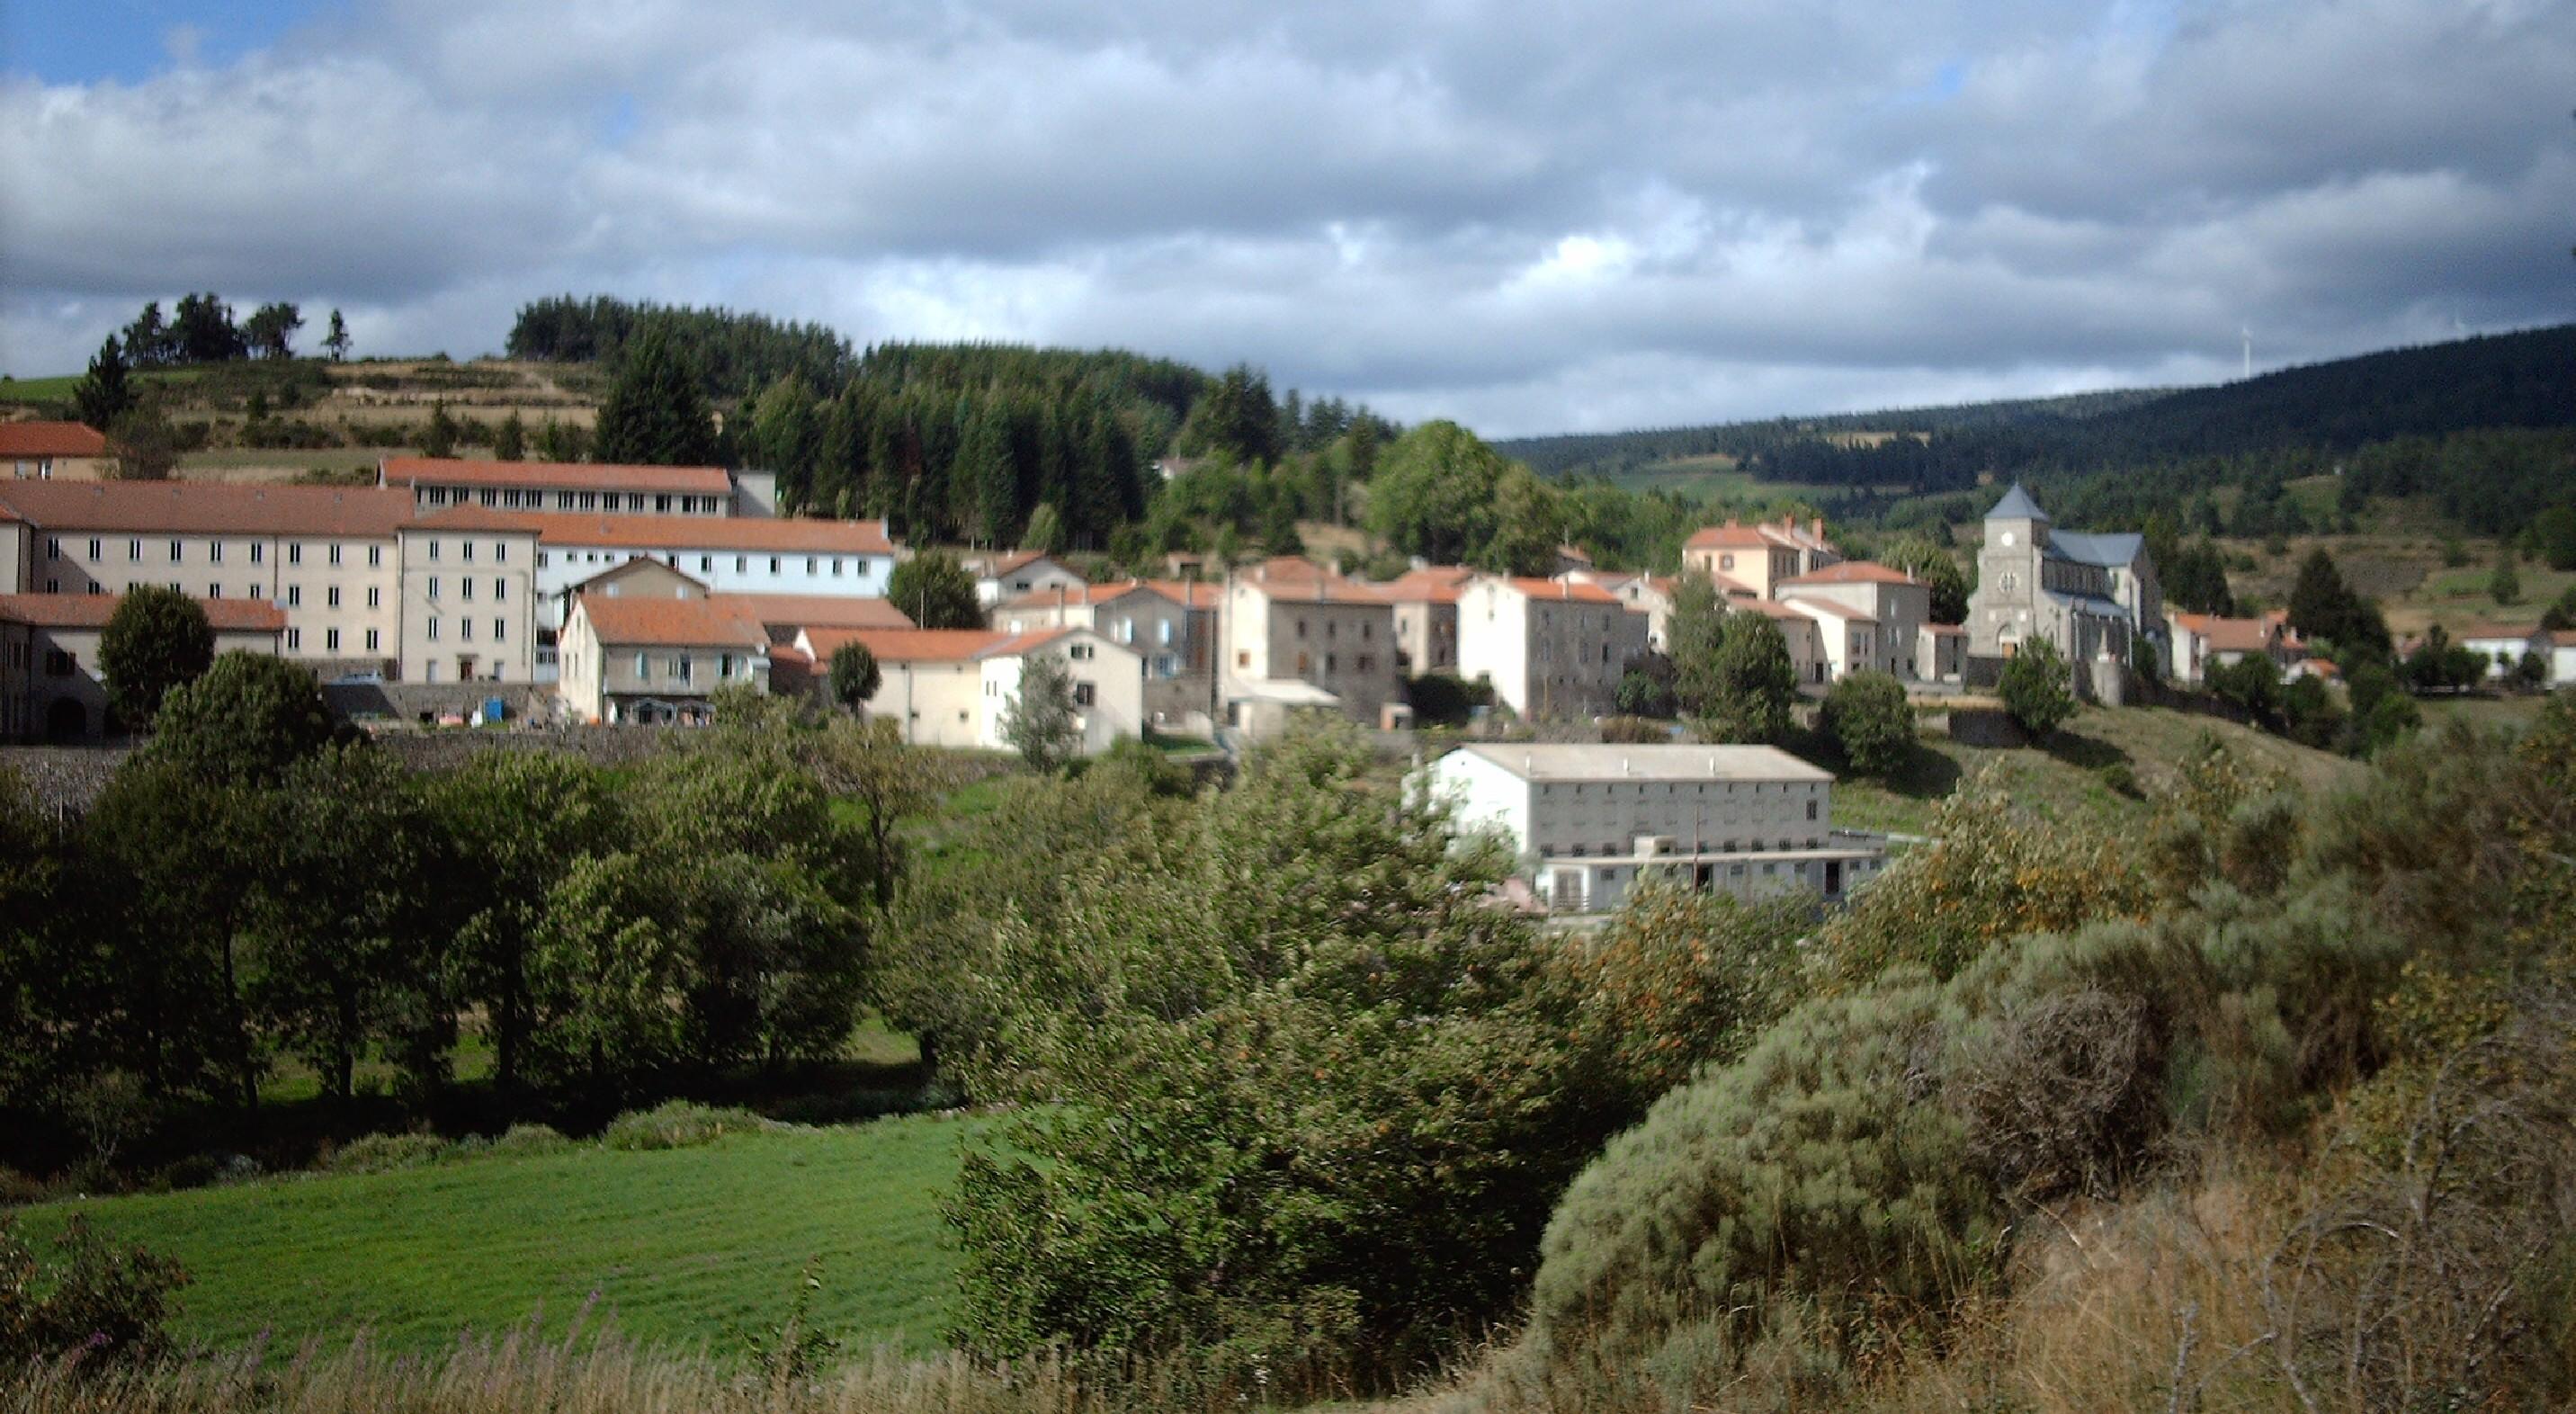 Saint-Etienne France  city photos gallery : Saint Etienne de Lugdarès, Ardèche, France Wikipedia, the ...